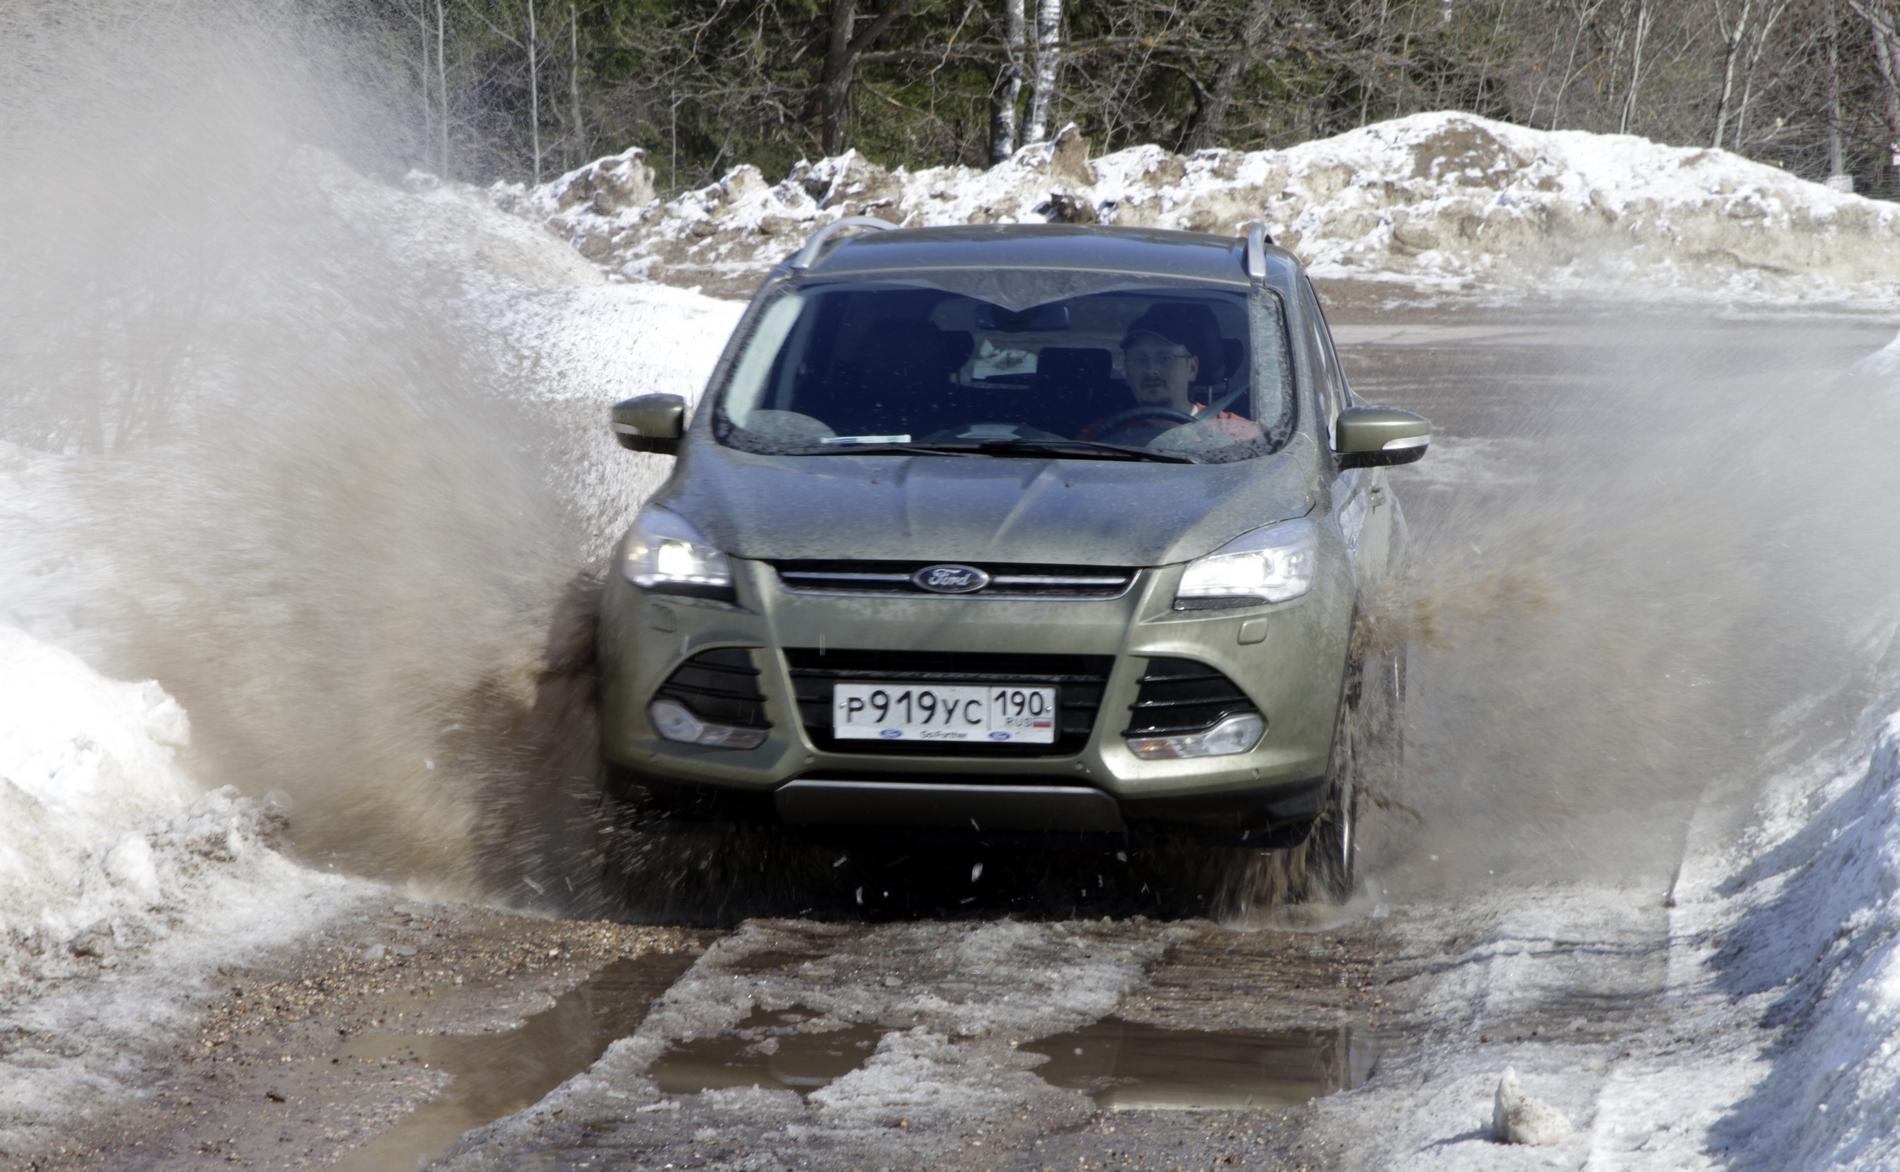 Подмосковье-trophy: хлебаем грязь и черпаем глину с новым Ford Kuga